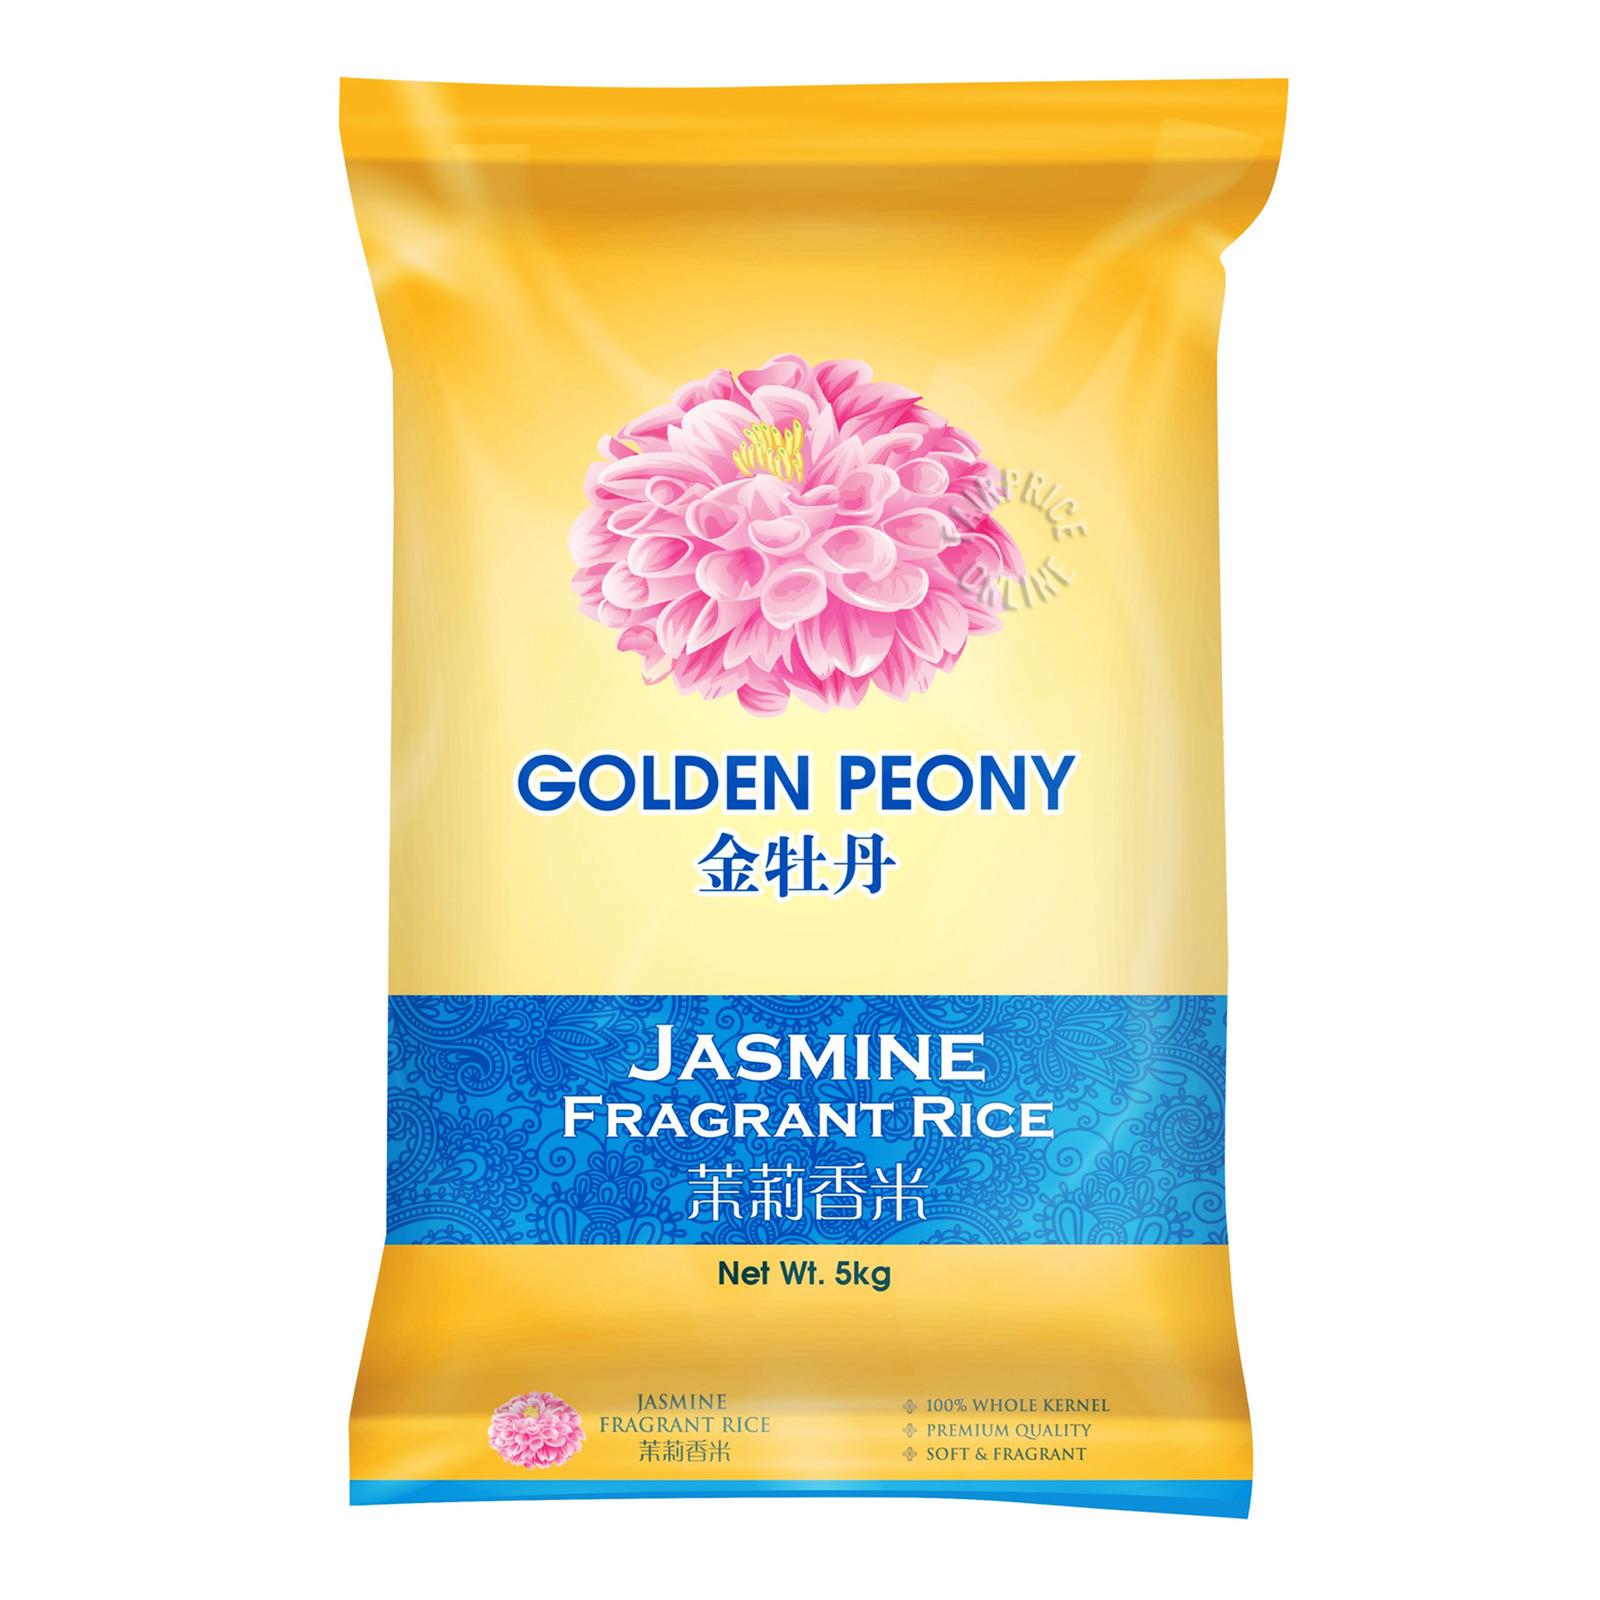 Golden Peony Jasmine Fragrant Rice